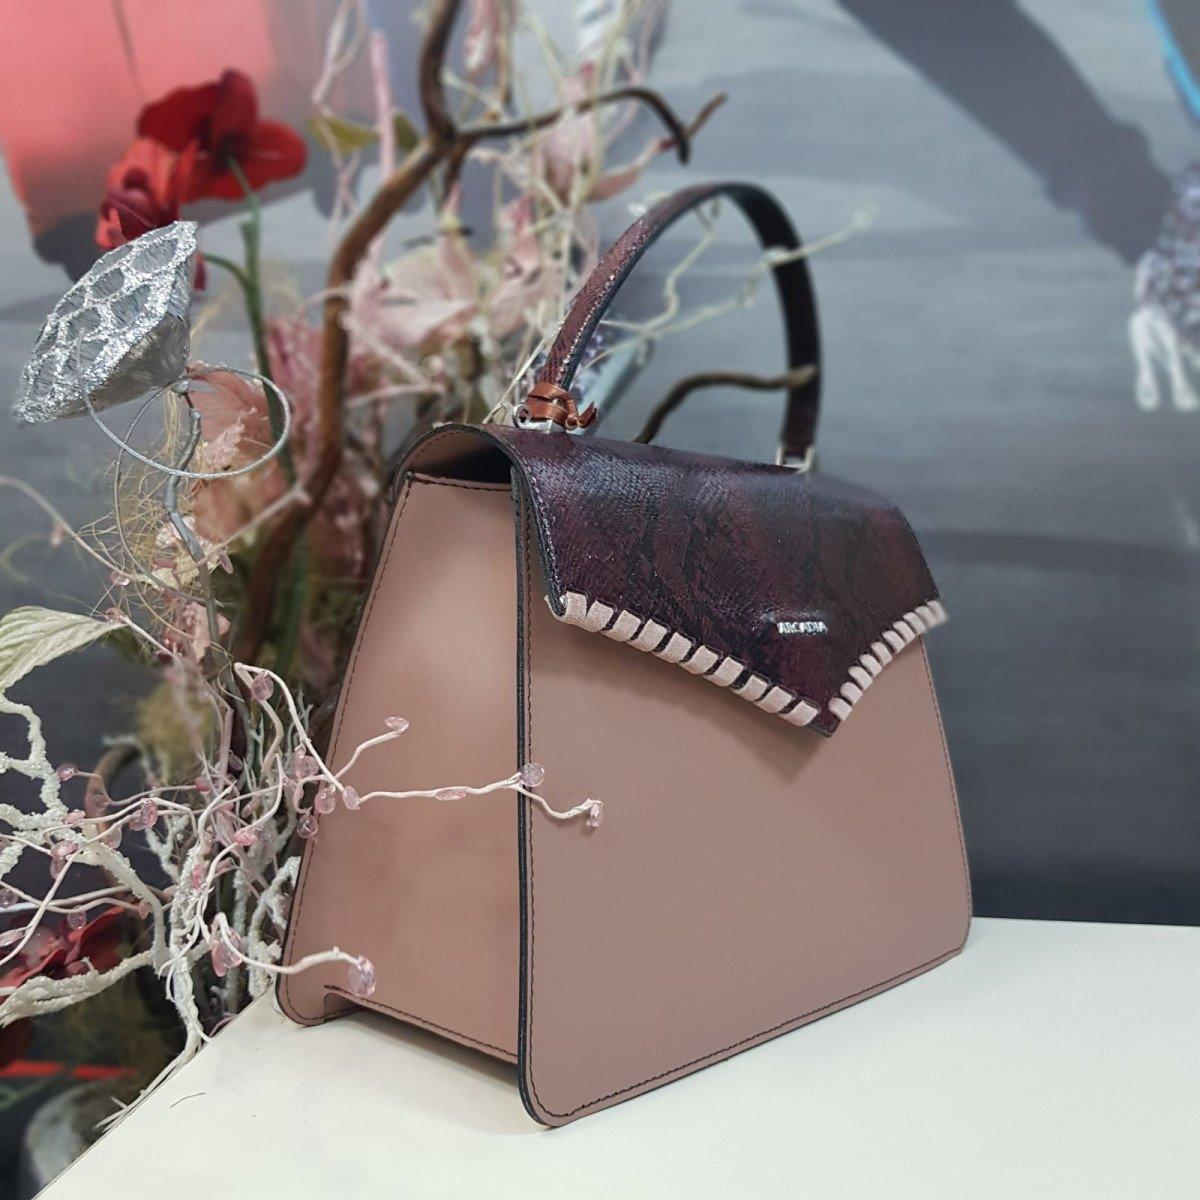 Женская кожаная сумка Arcadia 7537 ruga pit rosa rubino из натуральной кожи